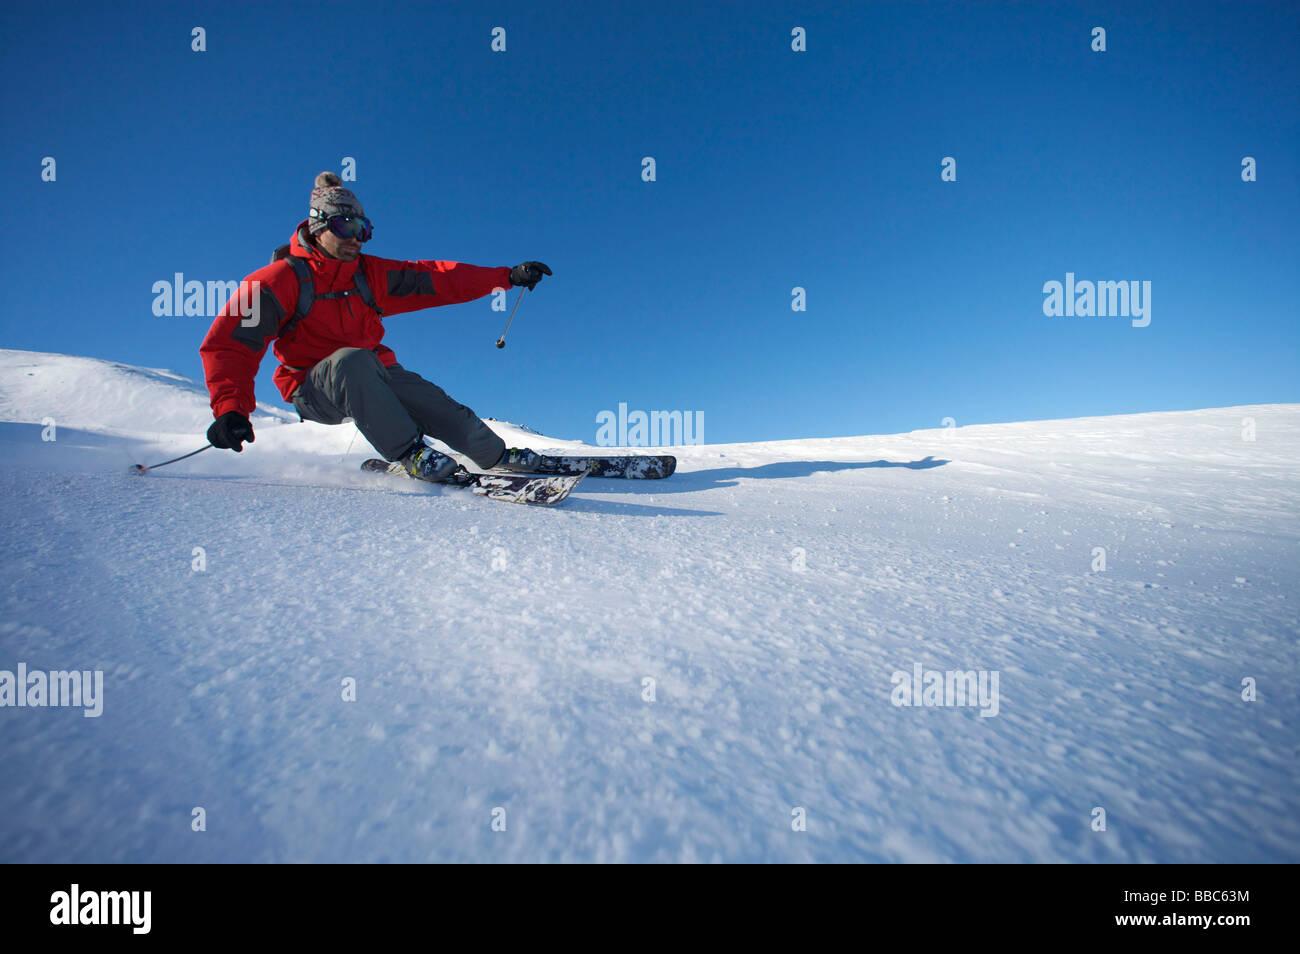 Sciatore girando sulla pista. Immagini Stock